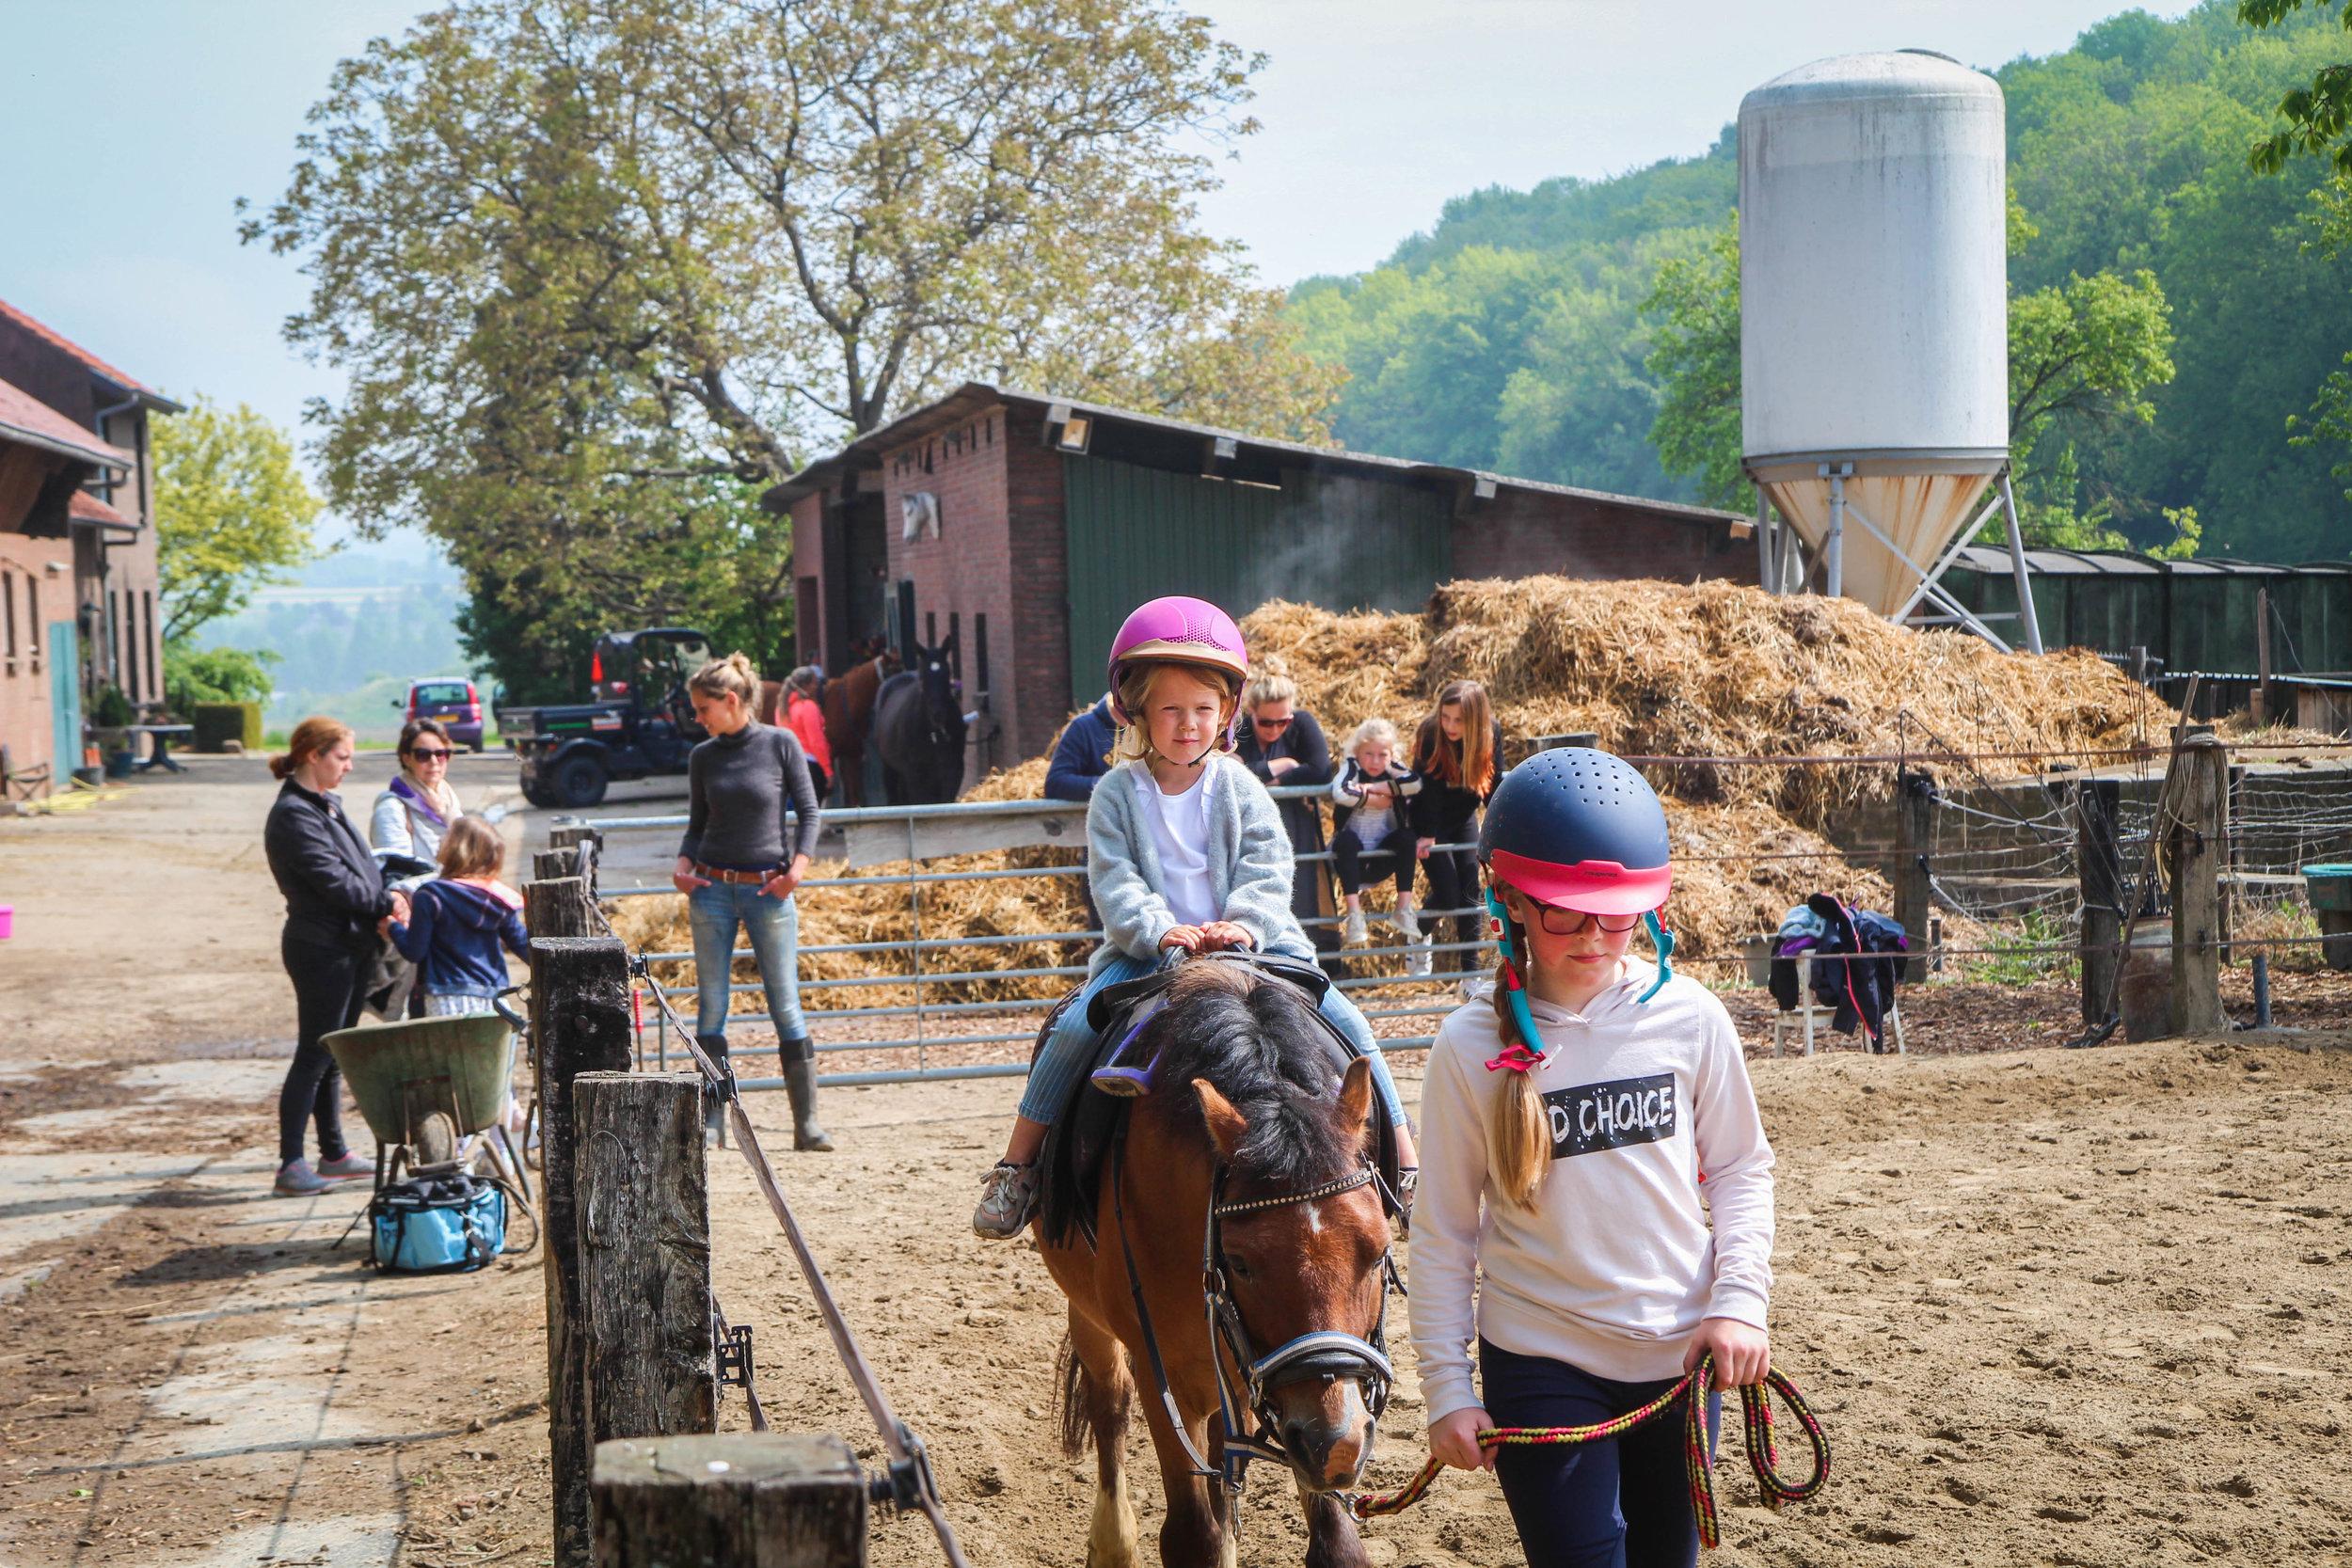 De Verloren kost_Farmcamps-3.jpg